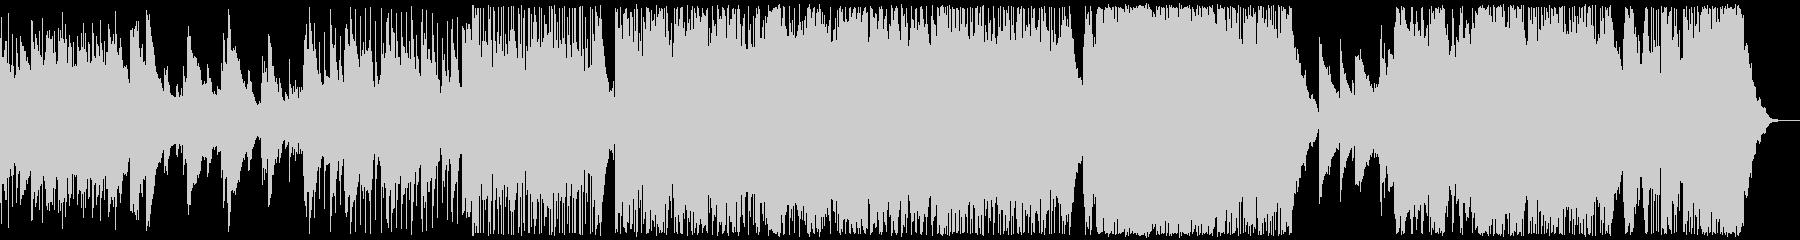 ポップ/ロックインストゥルメンタル...の未再生の波形